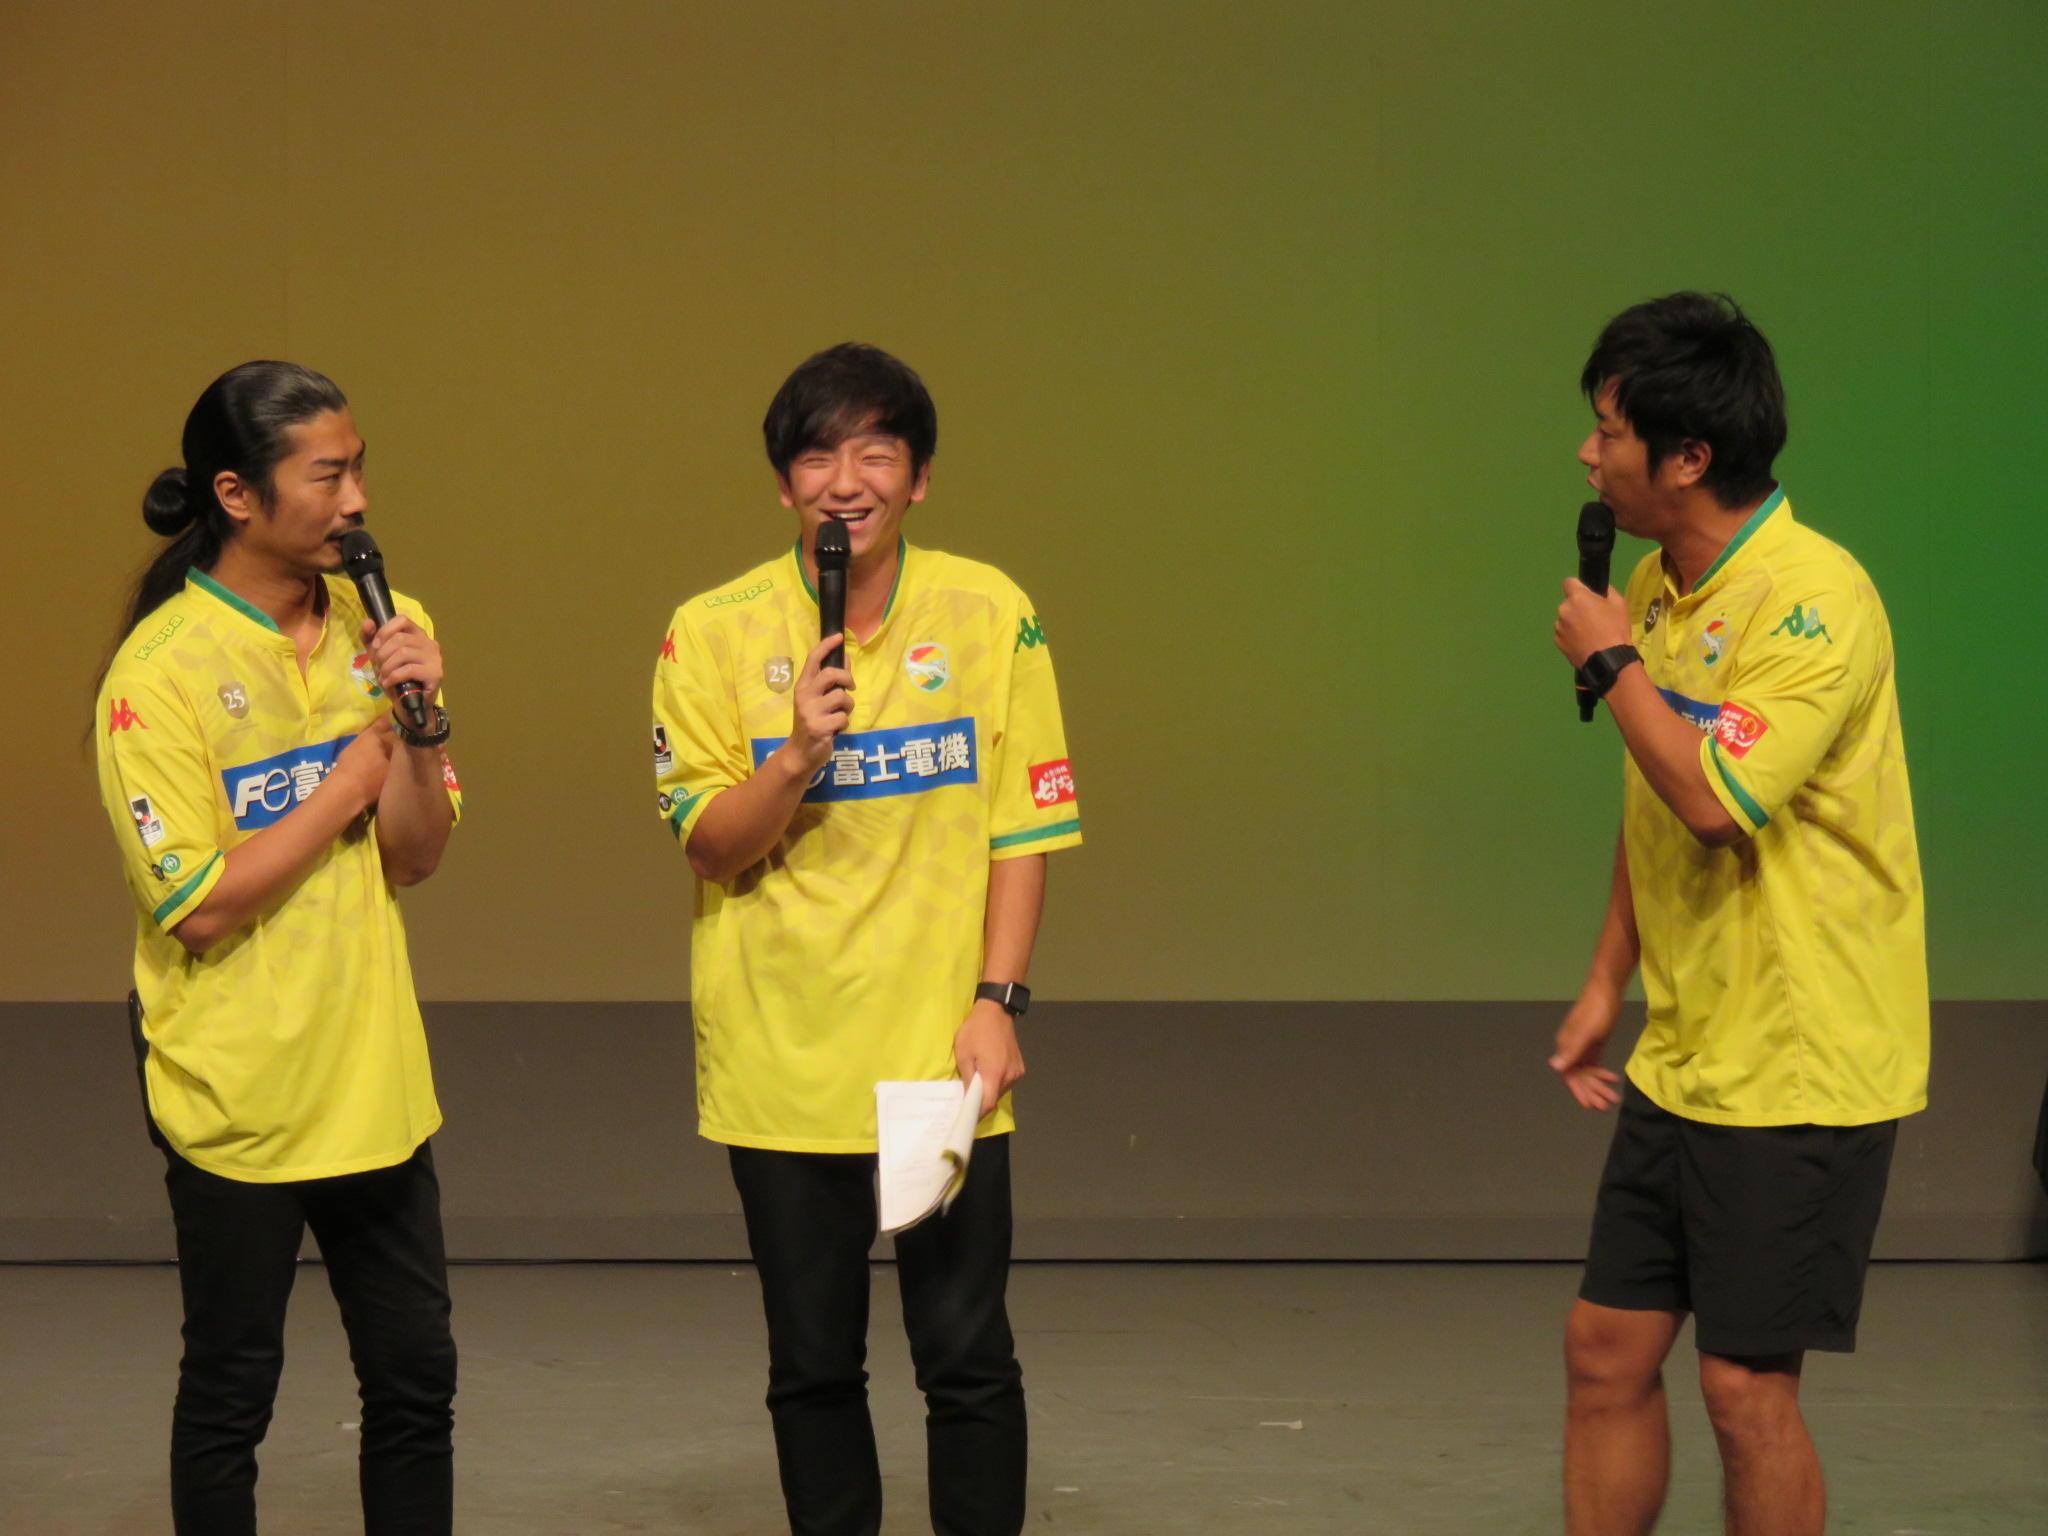 http://news.yoshimoto.co.jp/20160830225145-efe329c289814a4341cf8343ebcc7487311c7985.jpg